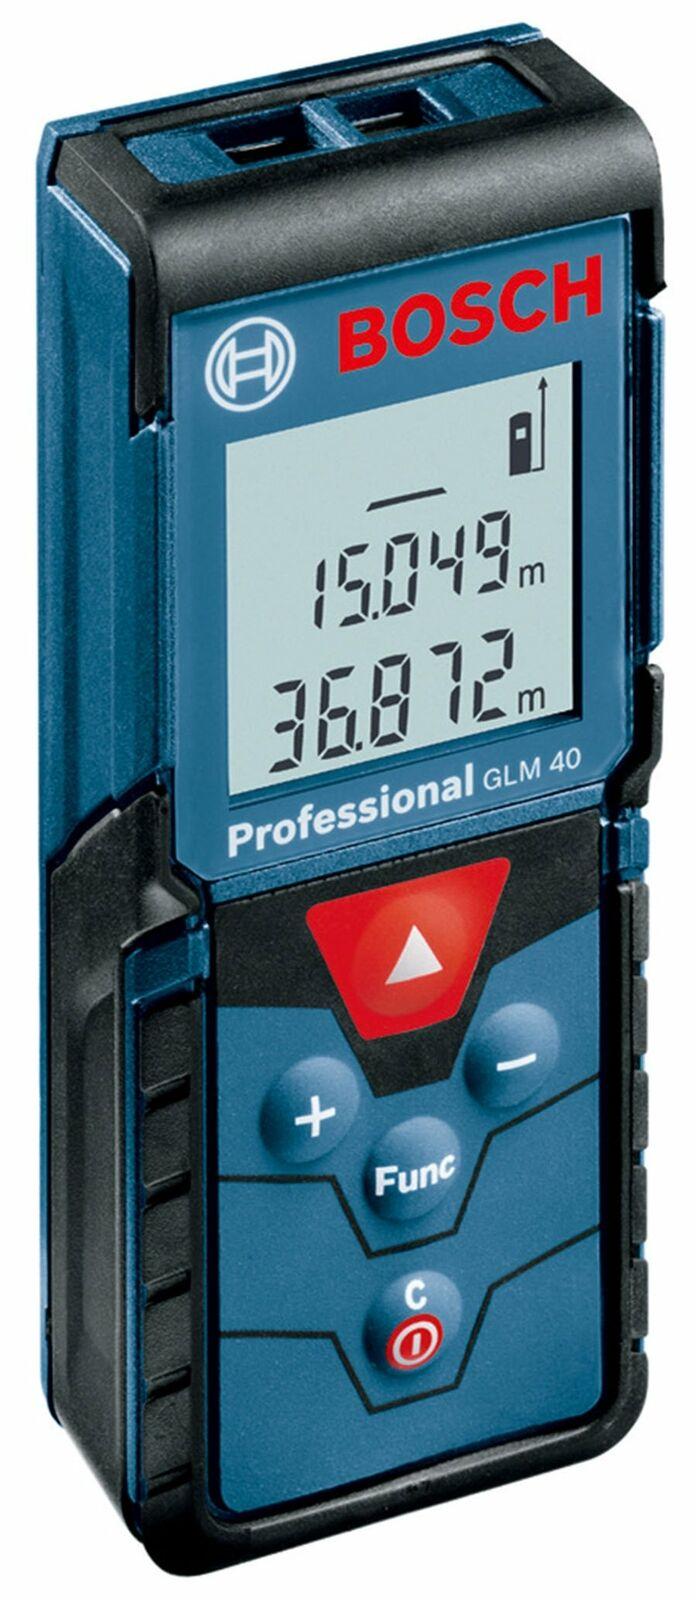 BOSCH GLM 40 Professional Laser Distance 40 Meter Range finder